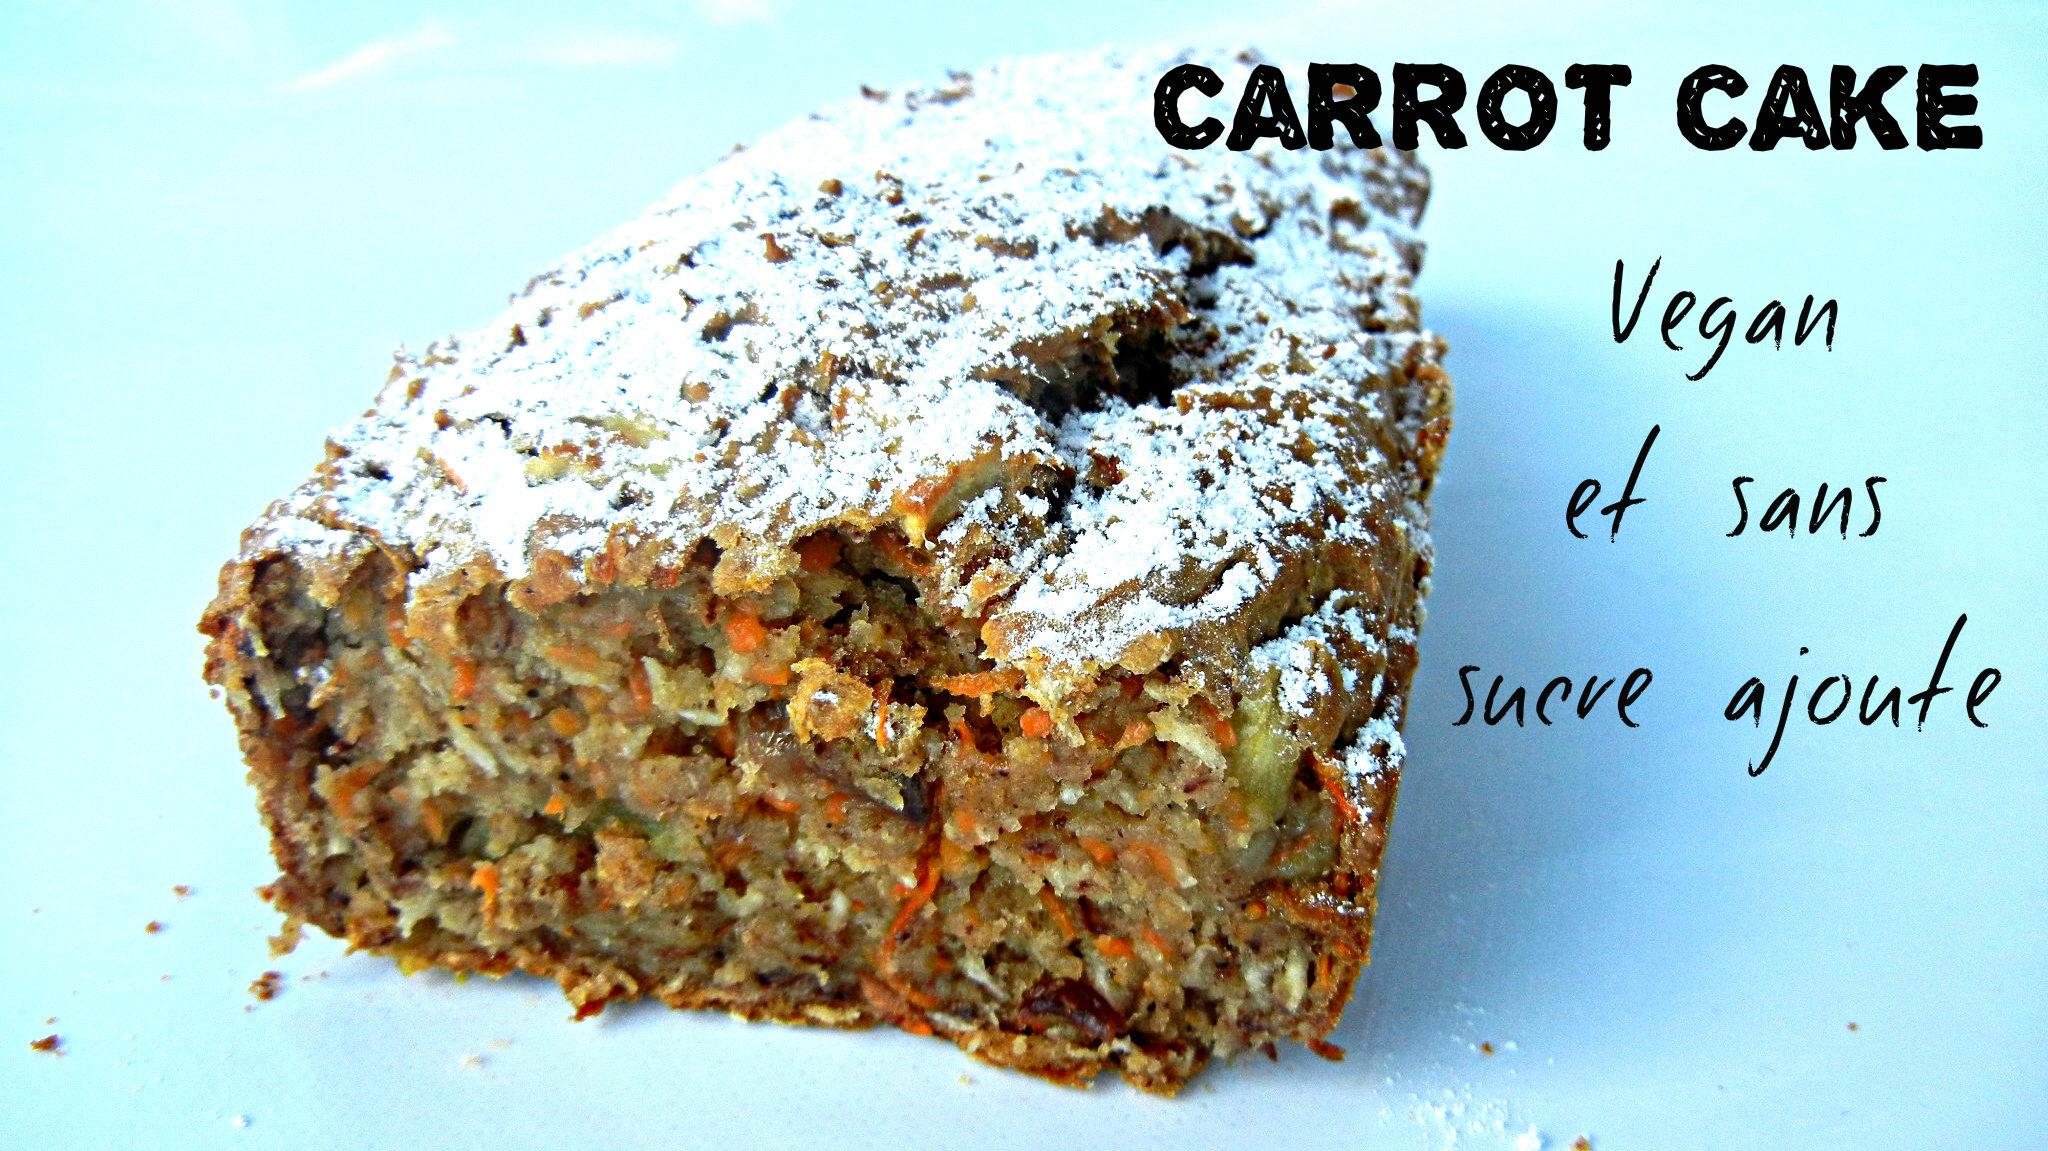 Recette healthy et végane d'un carrot cake sans sucre ajouté (mais pourtant sucré )